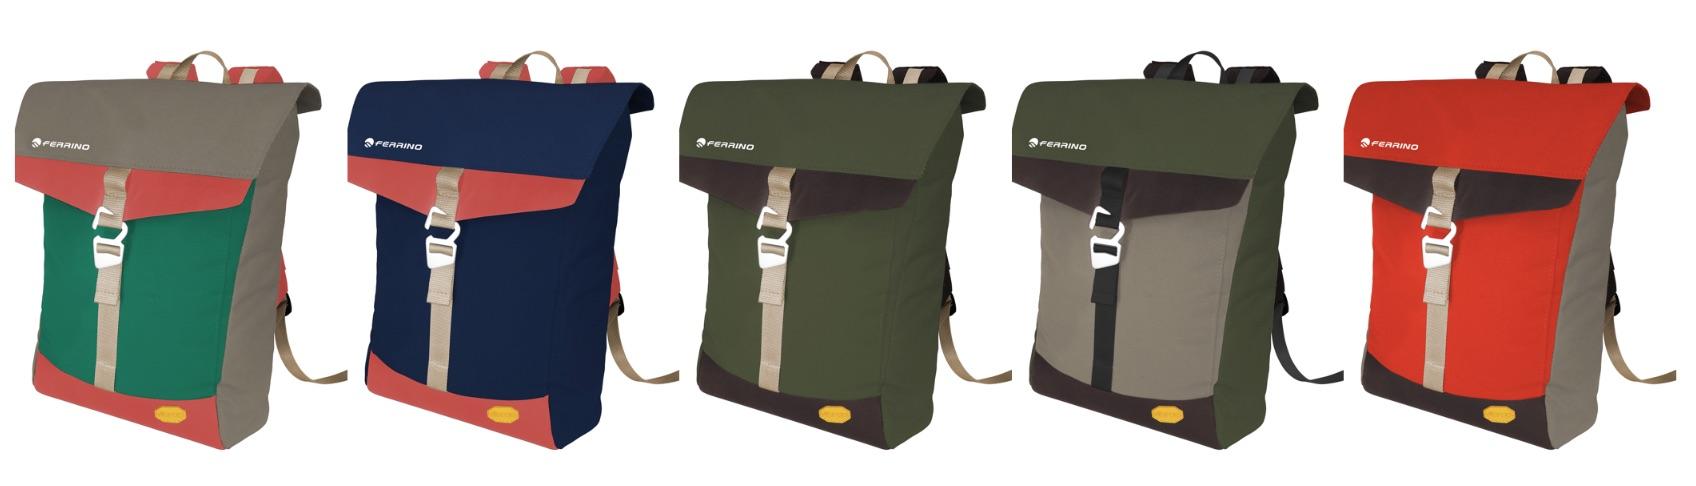 Ferrino presenta junto a Vibram una mochila edición limitada hecha en la 'Milan Design week'